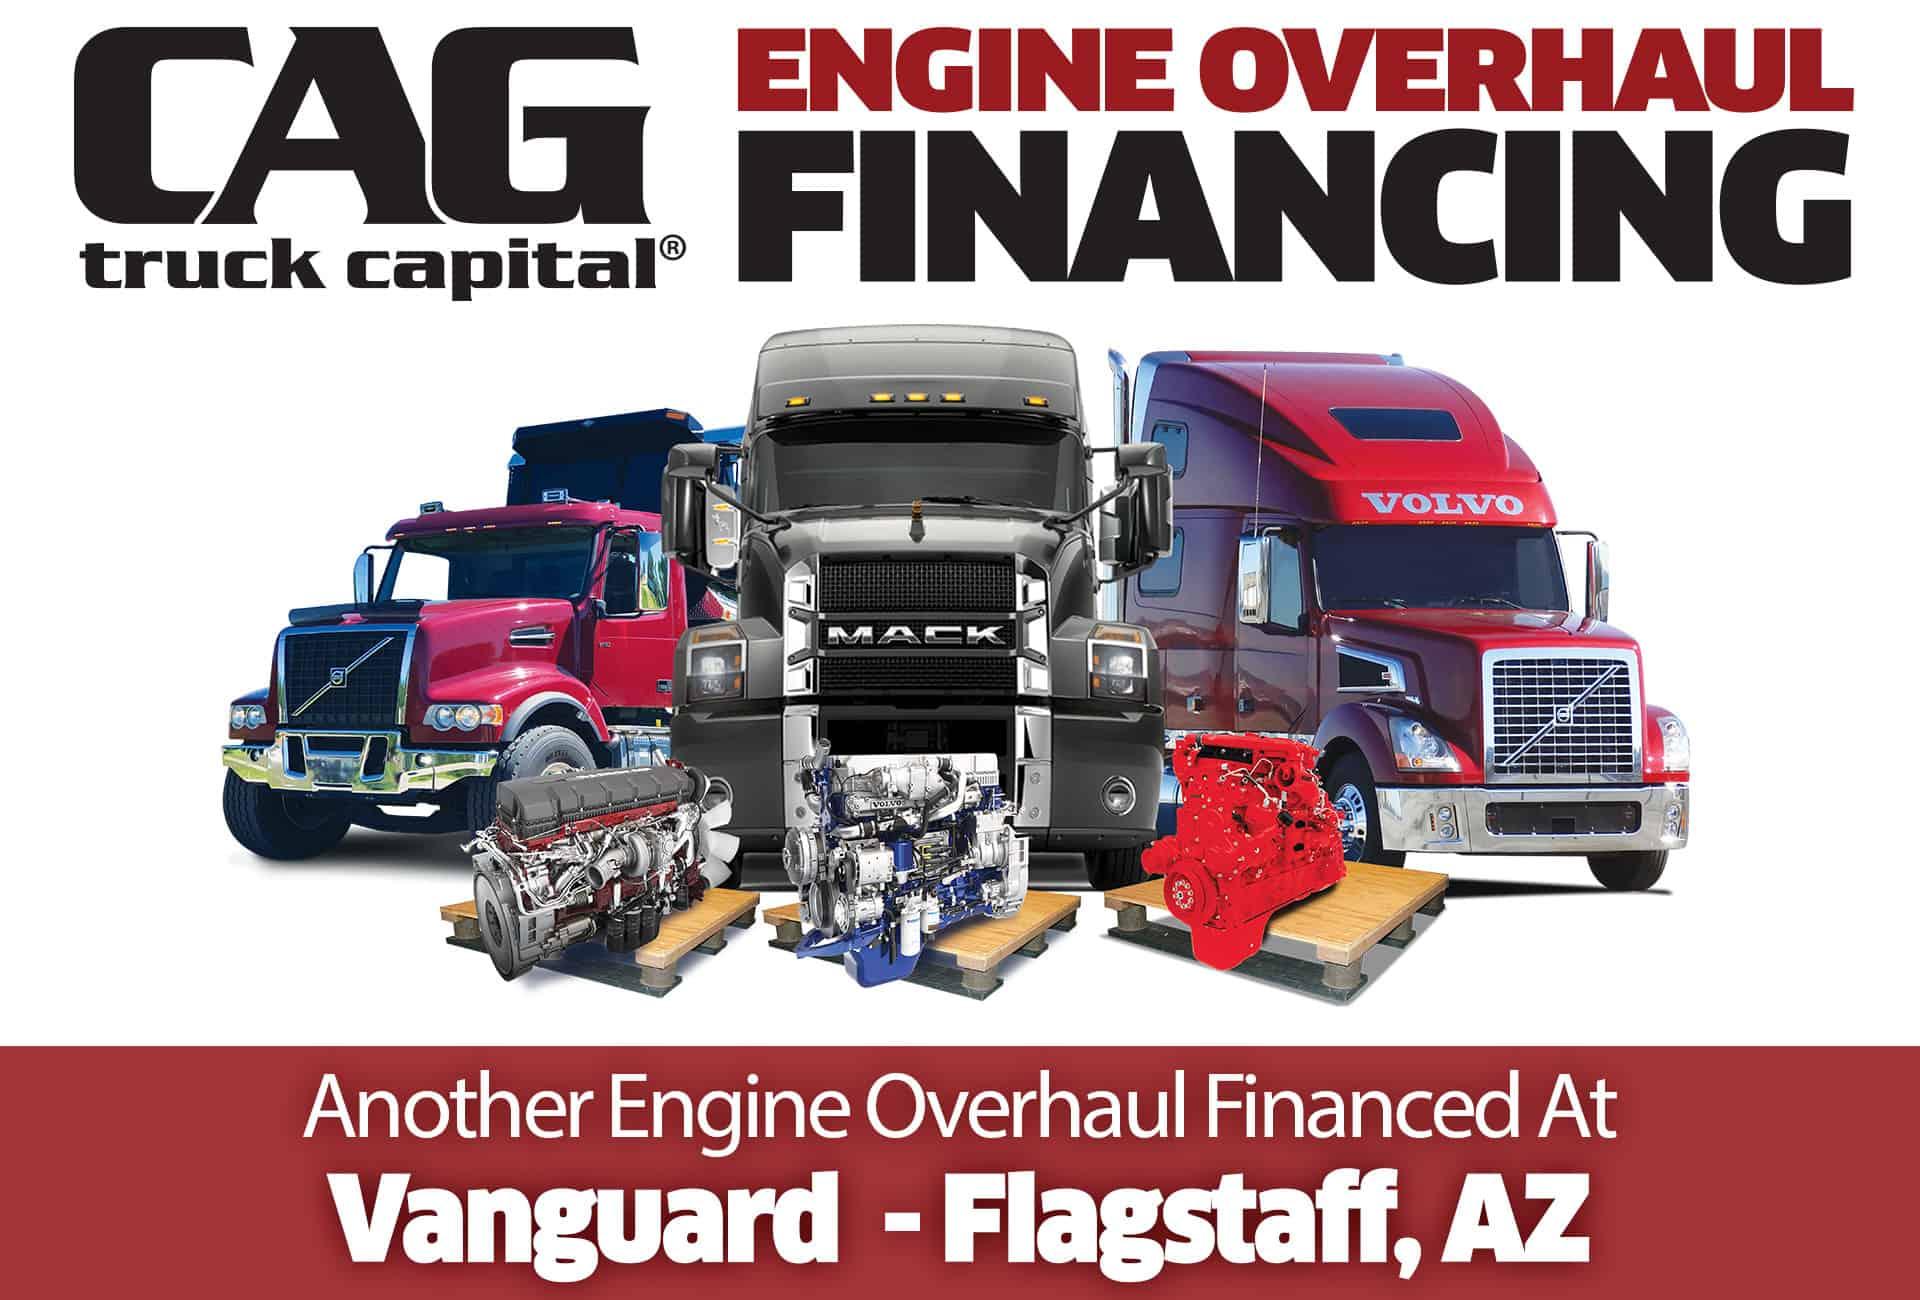 Vanguard Truck Service Center Flagstaff AZ